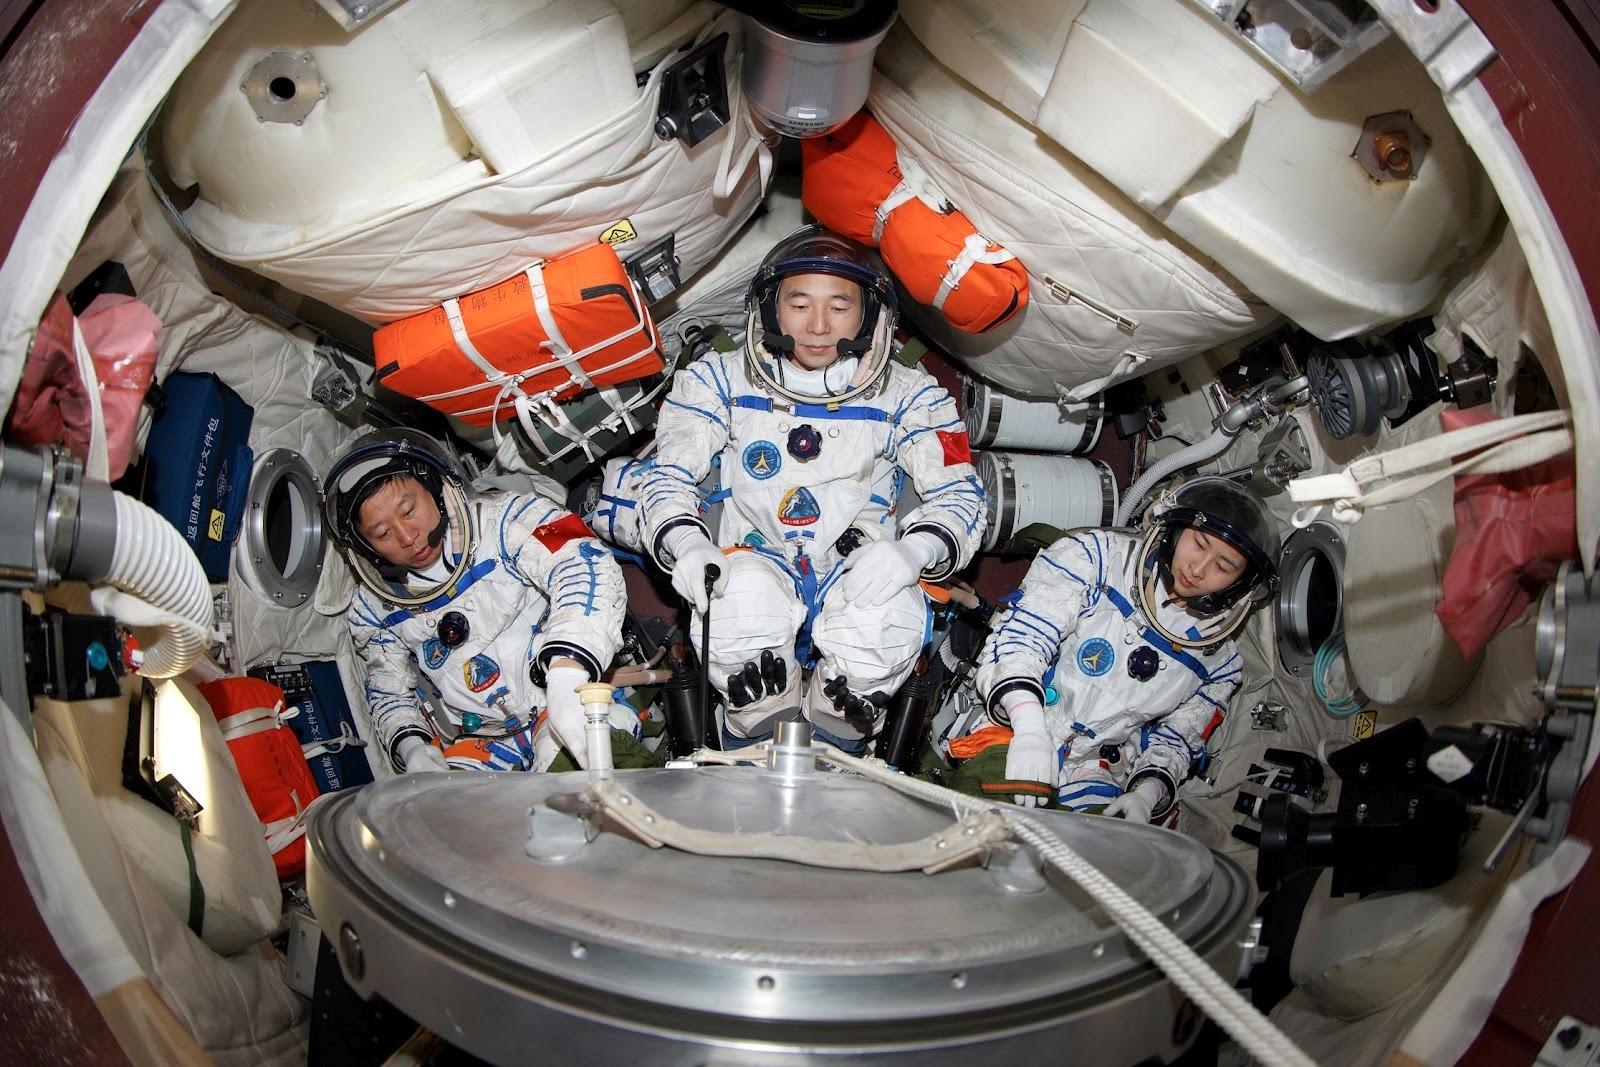 China acopla manualmente la cápsula Shenzhou 9 al módulo Tiangong 1 11